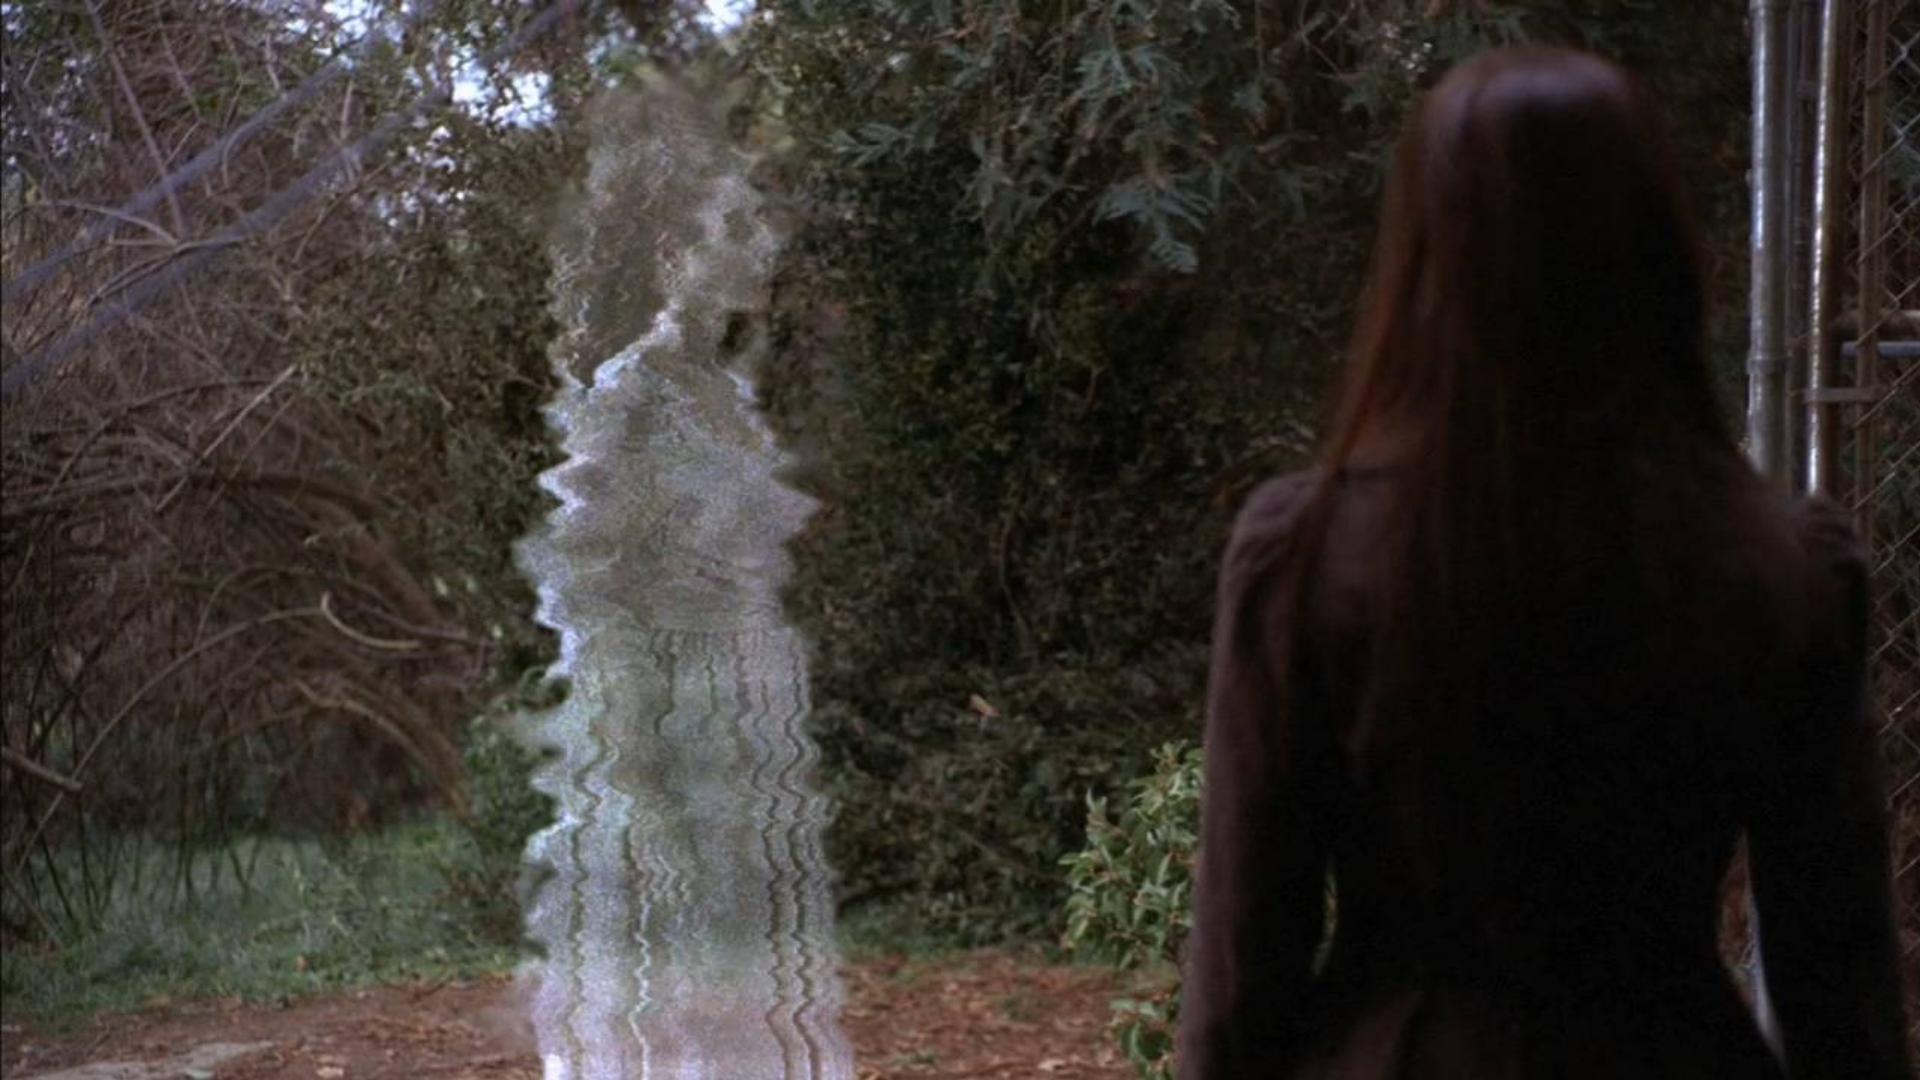 深山老林里的神秘鬼影,它在这儿做什么?《鬼语者09》